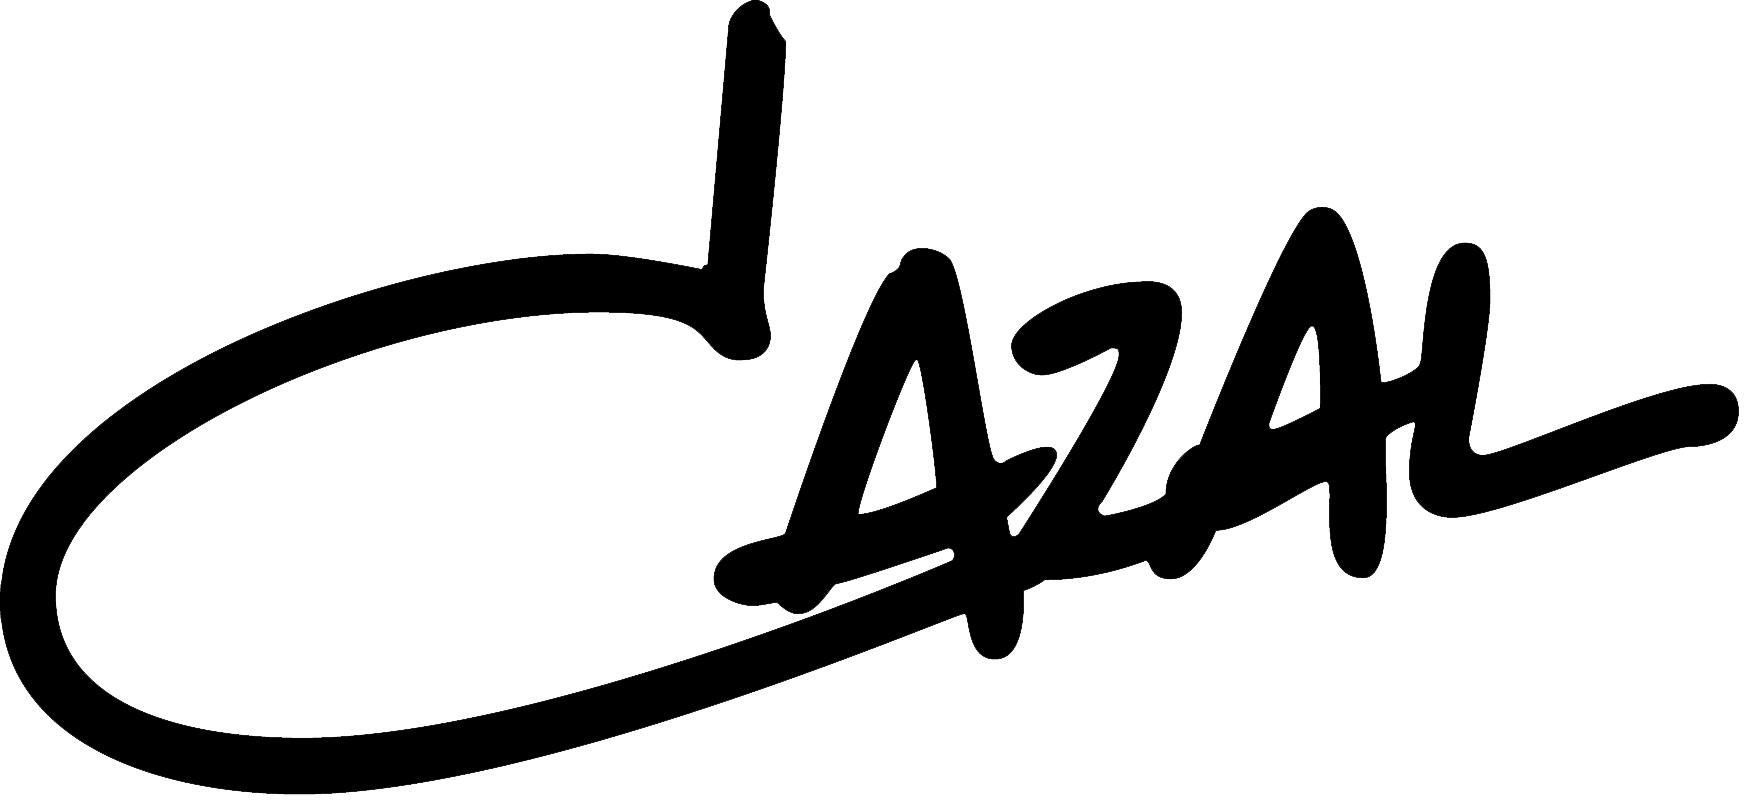 カザール レジェンズ(CAZAL LEGENDS)